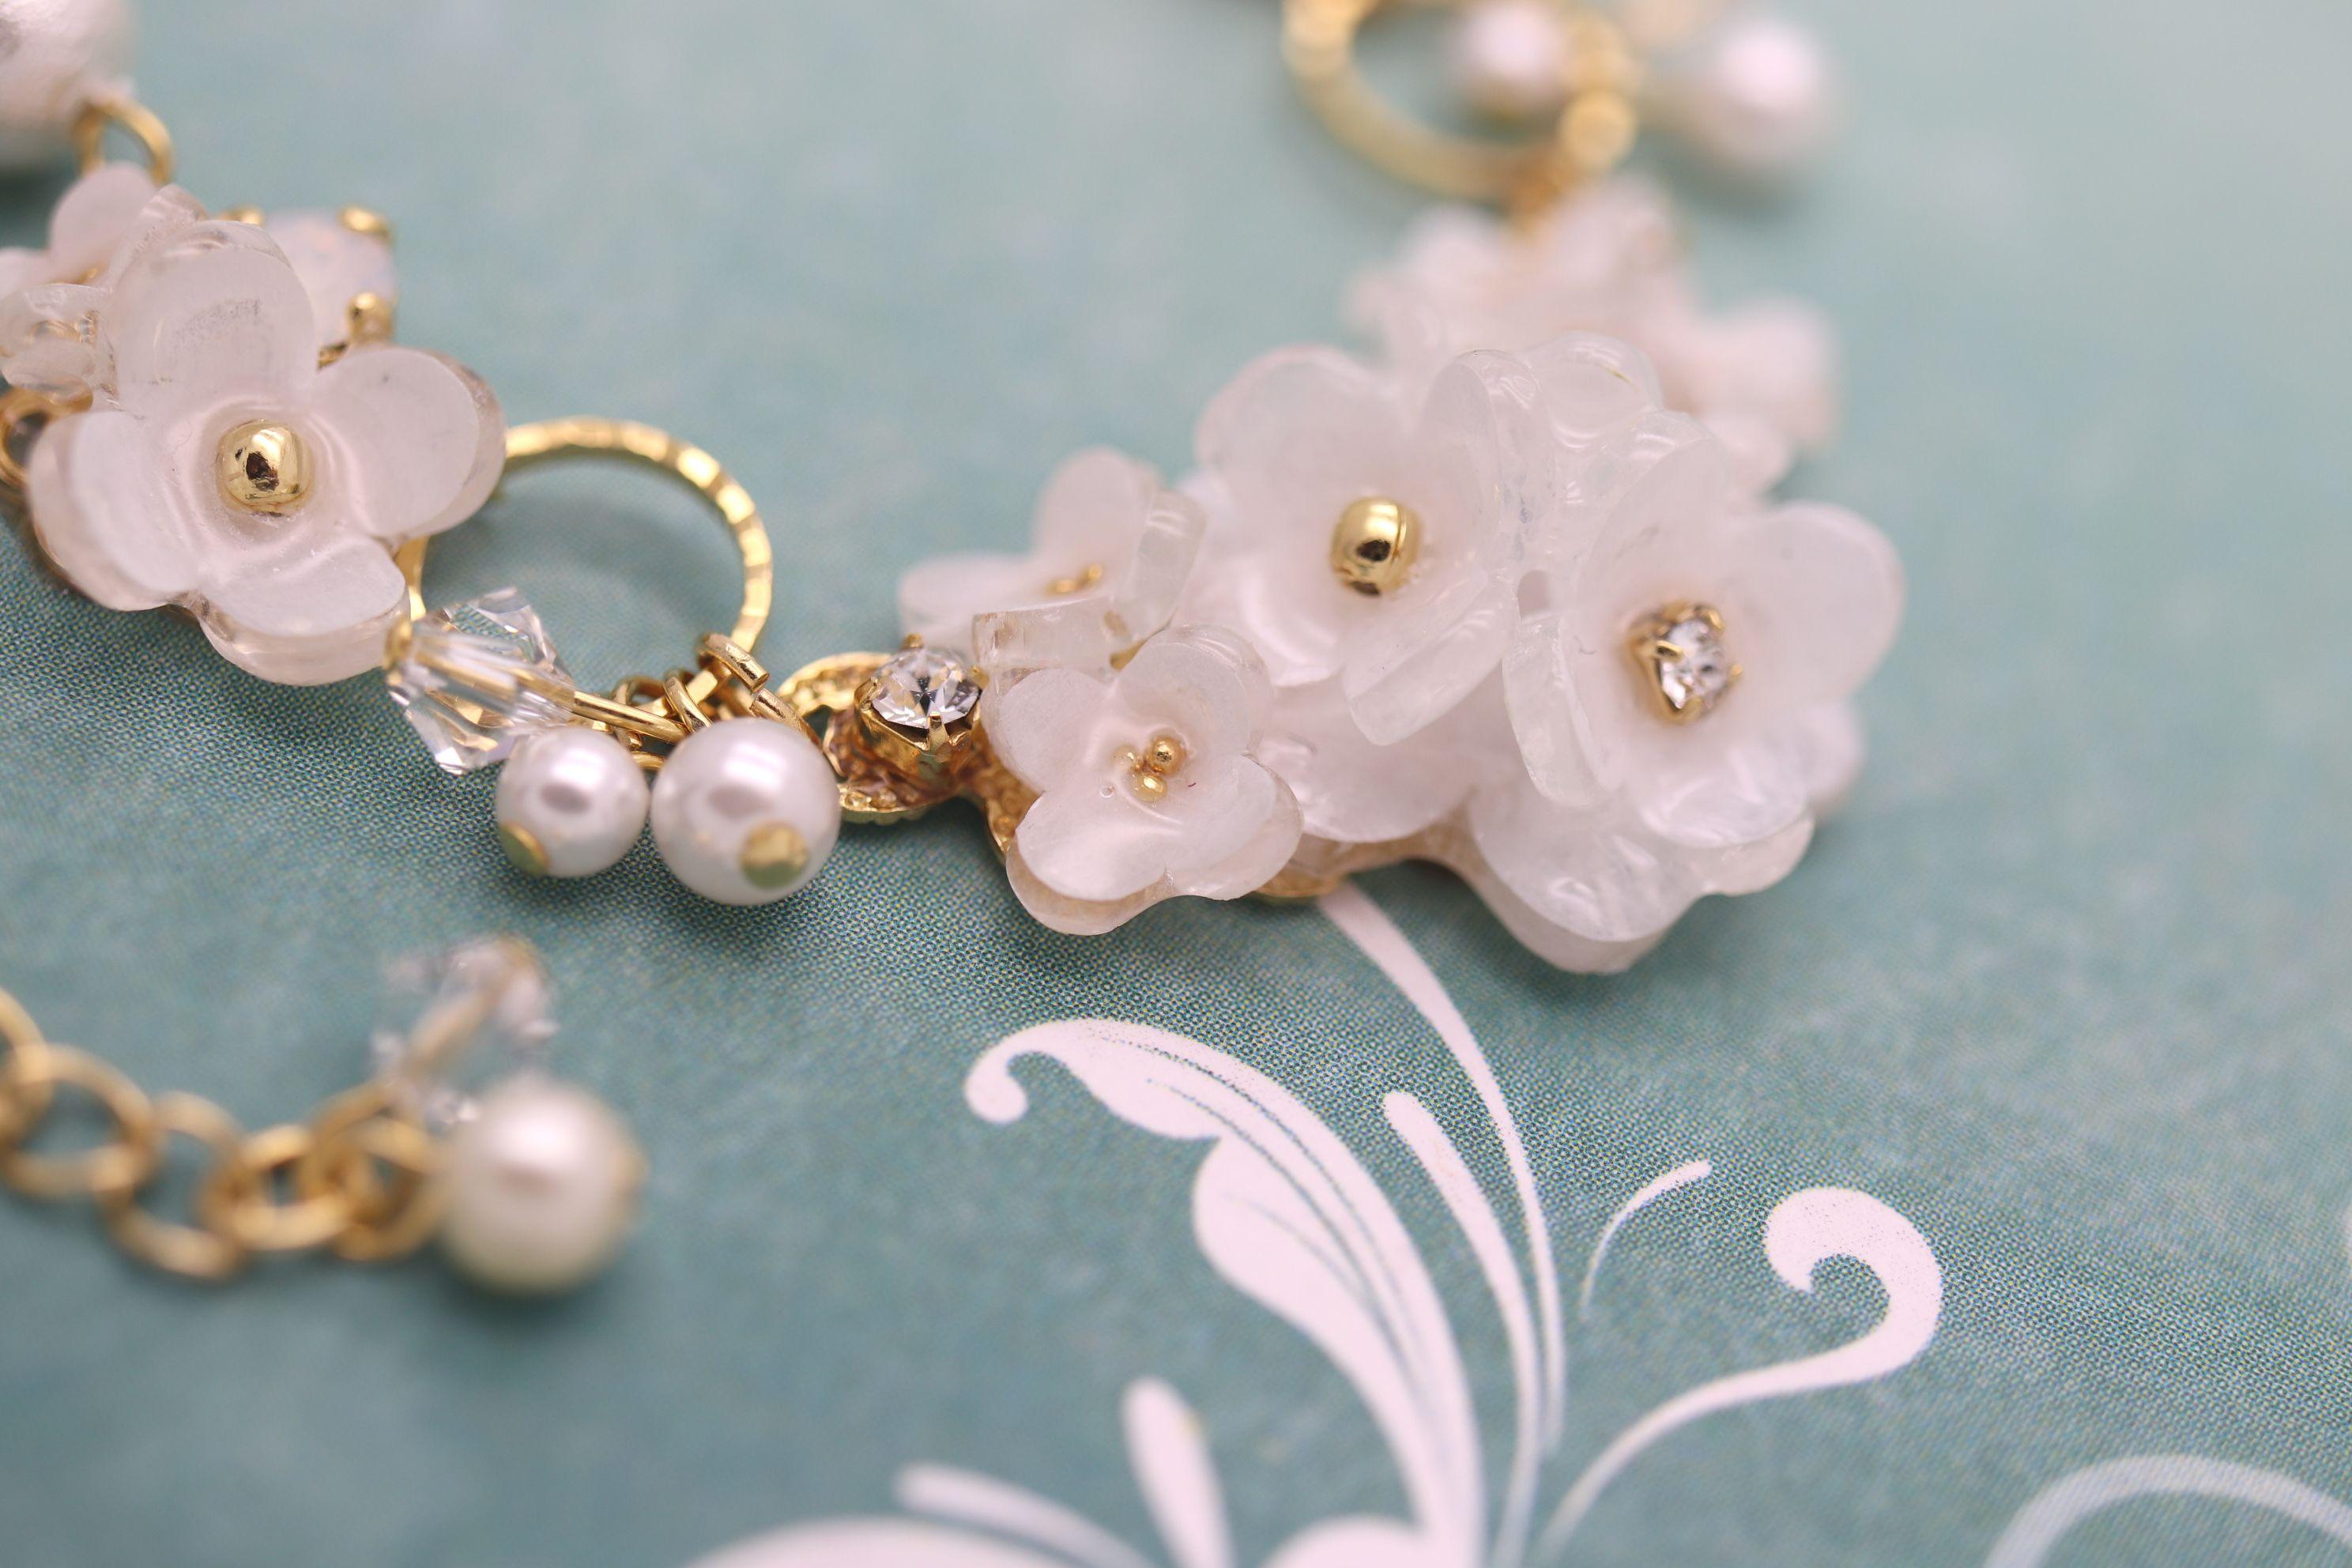 春のWeddingにいかがですか?華やかなコットンパールやスワロフスキーの手作りネックレス♡